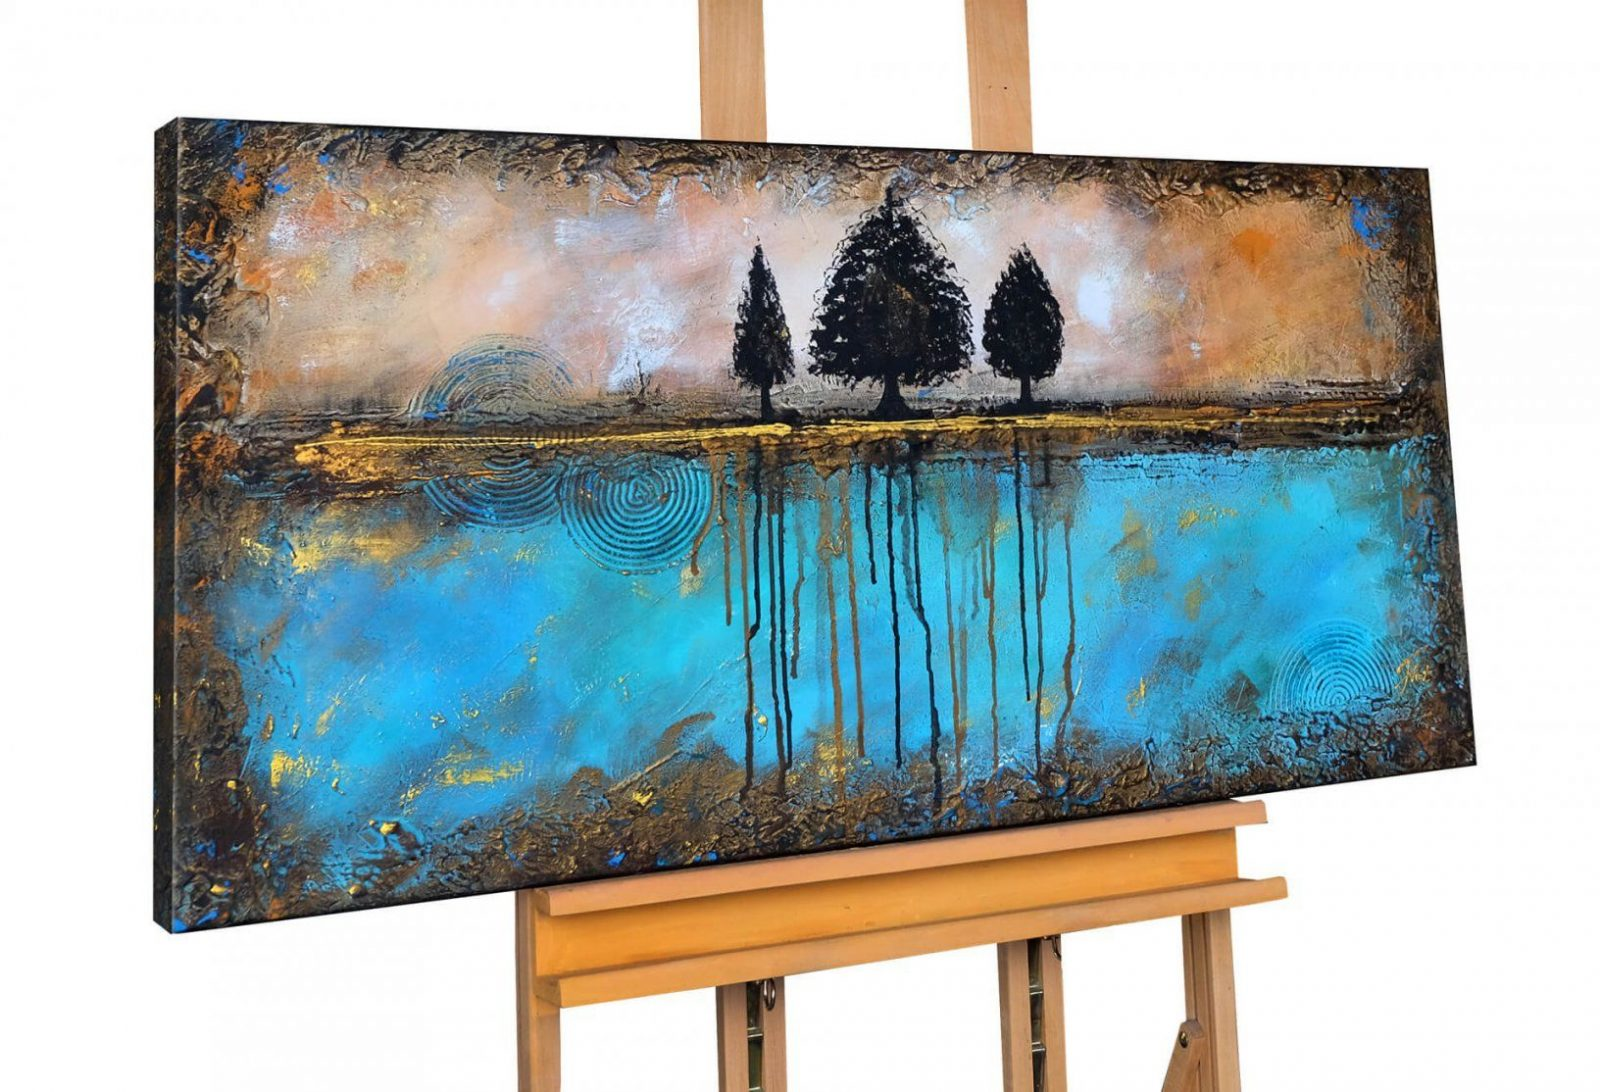 Xxl Acrylbild Abstrakt Baum Braun Kaufen  Kunstloft von Bilder Acryl Modern Abstrakt Bild